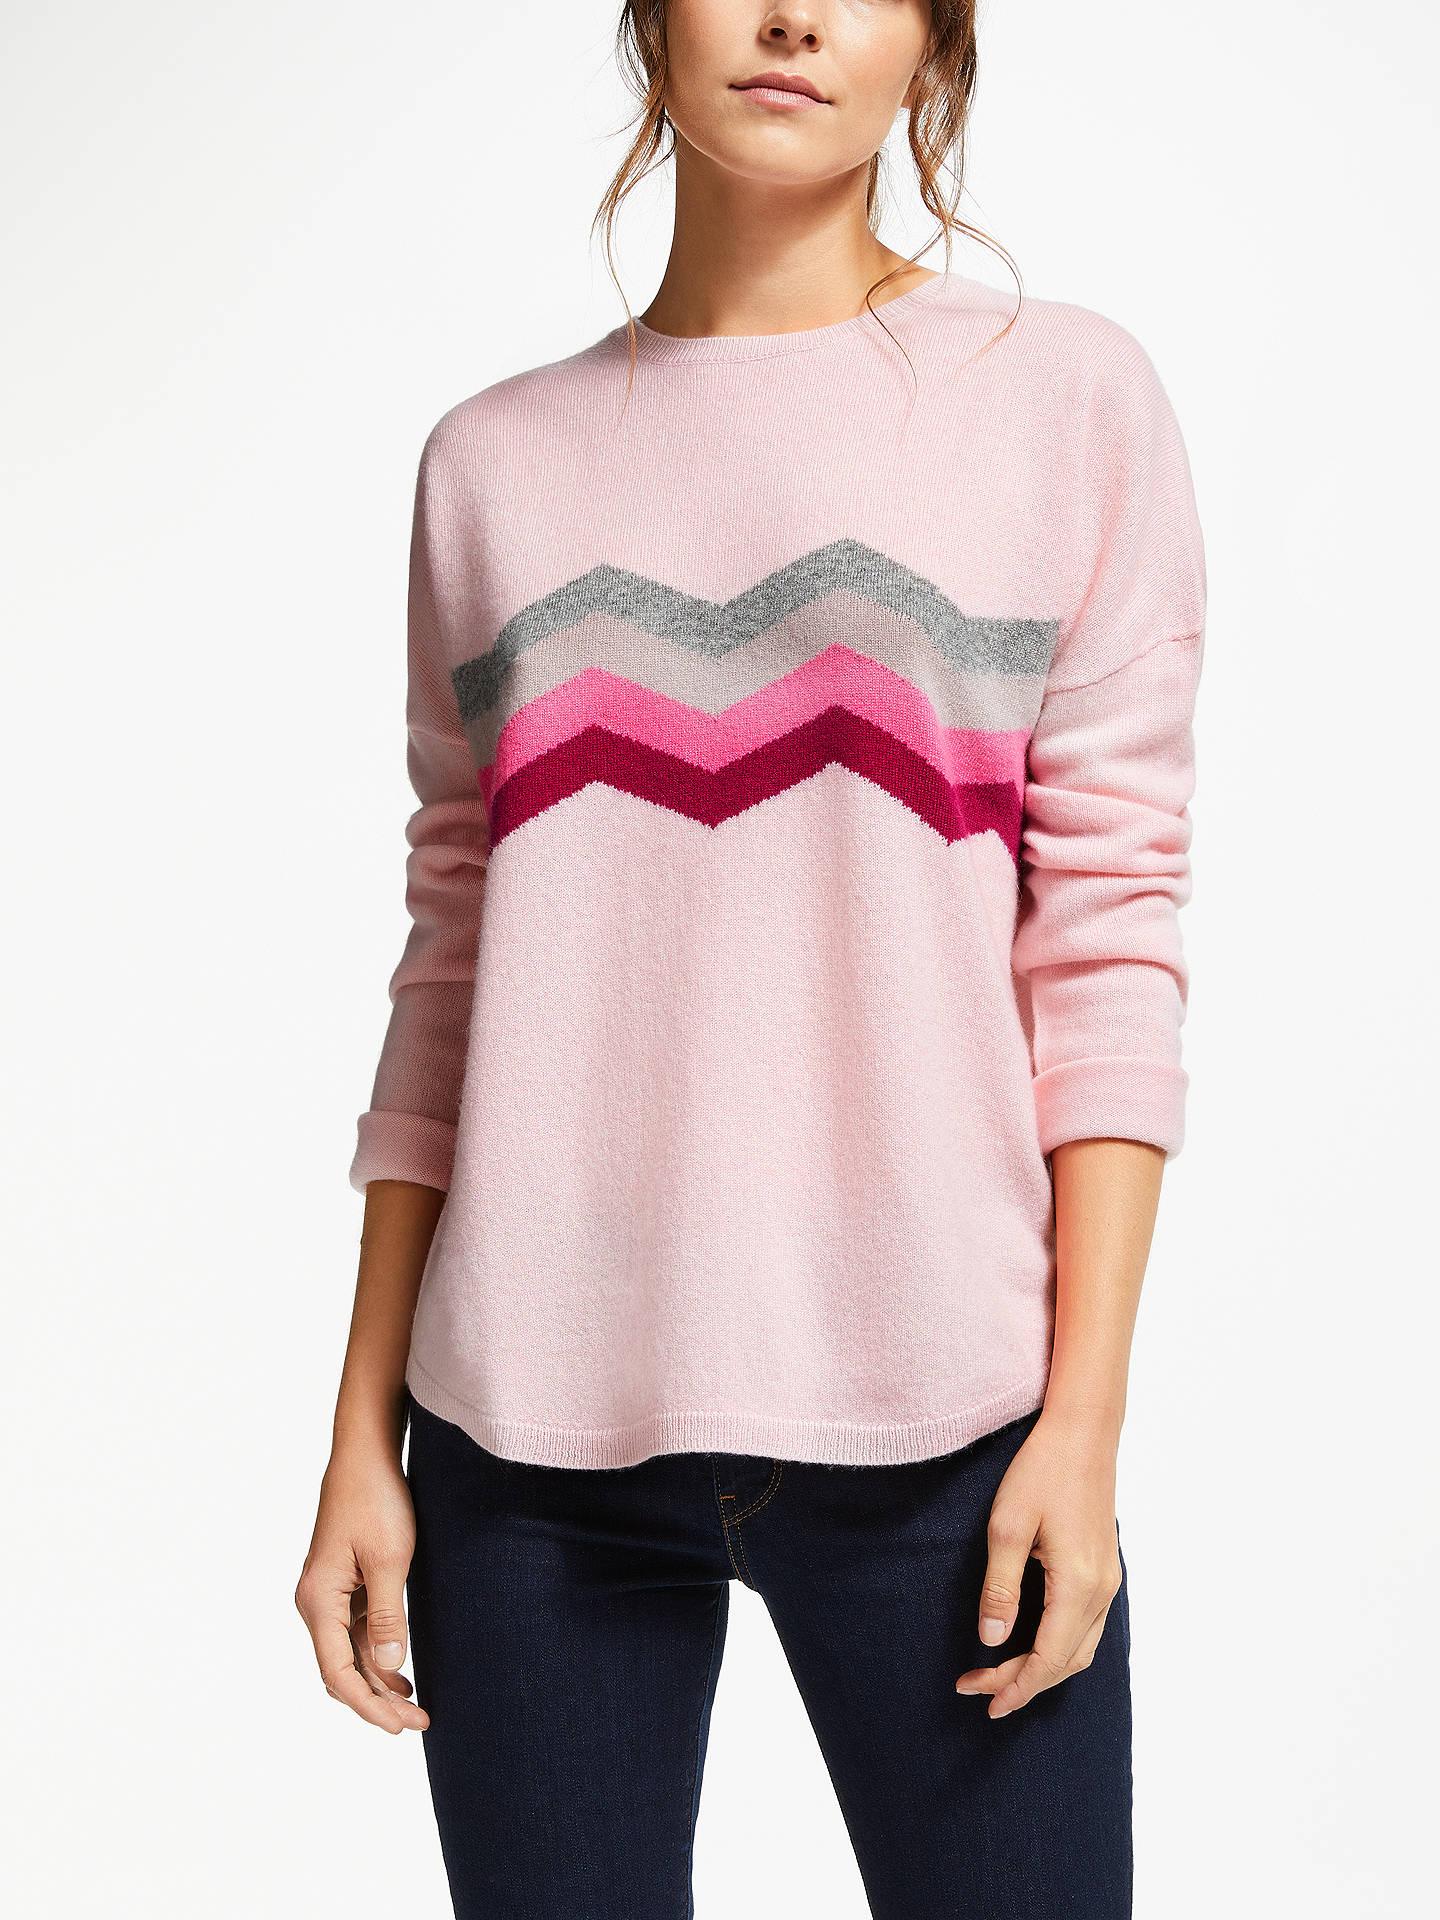 Wyse London Celine Zig Zag Cashmere Jumper, Pale Pink at